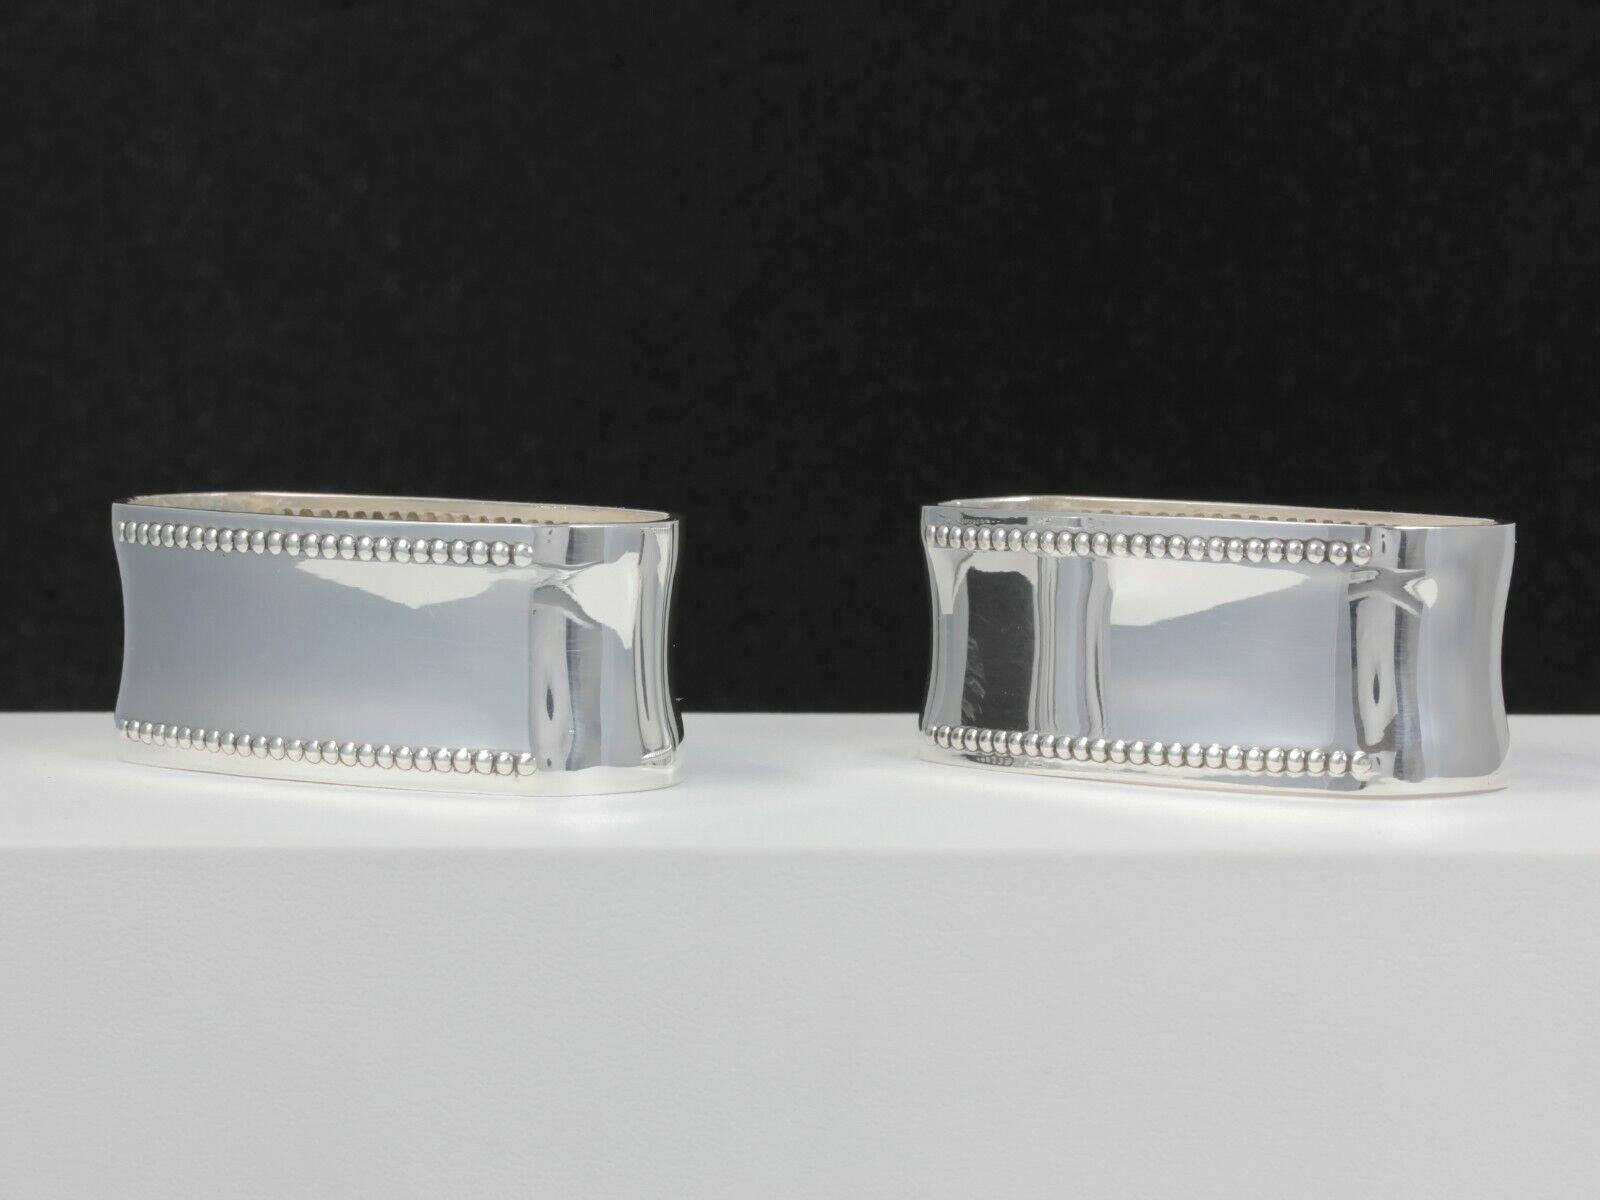 Bsf exclusivas servilleteros perlrand   800er plata   2 unid.